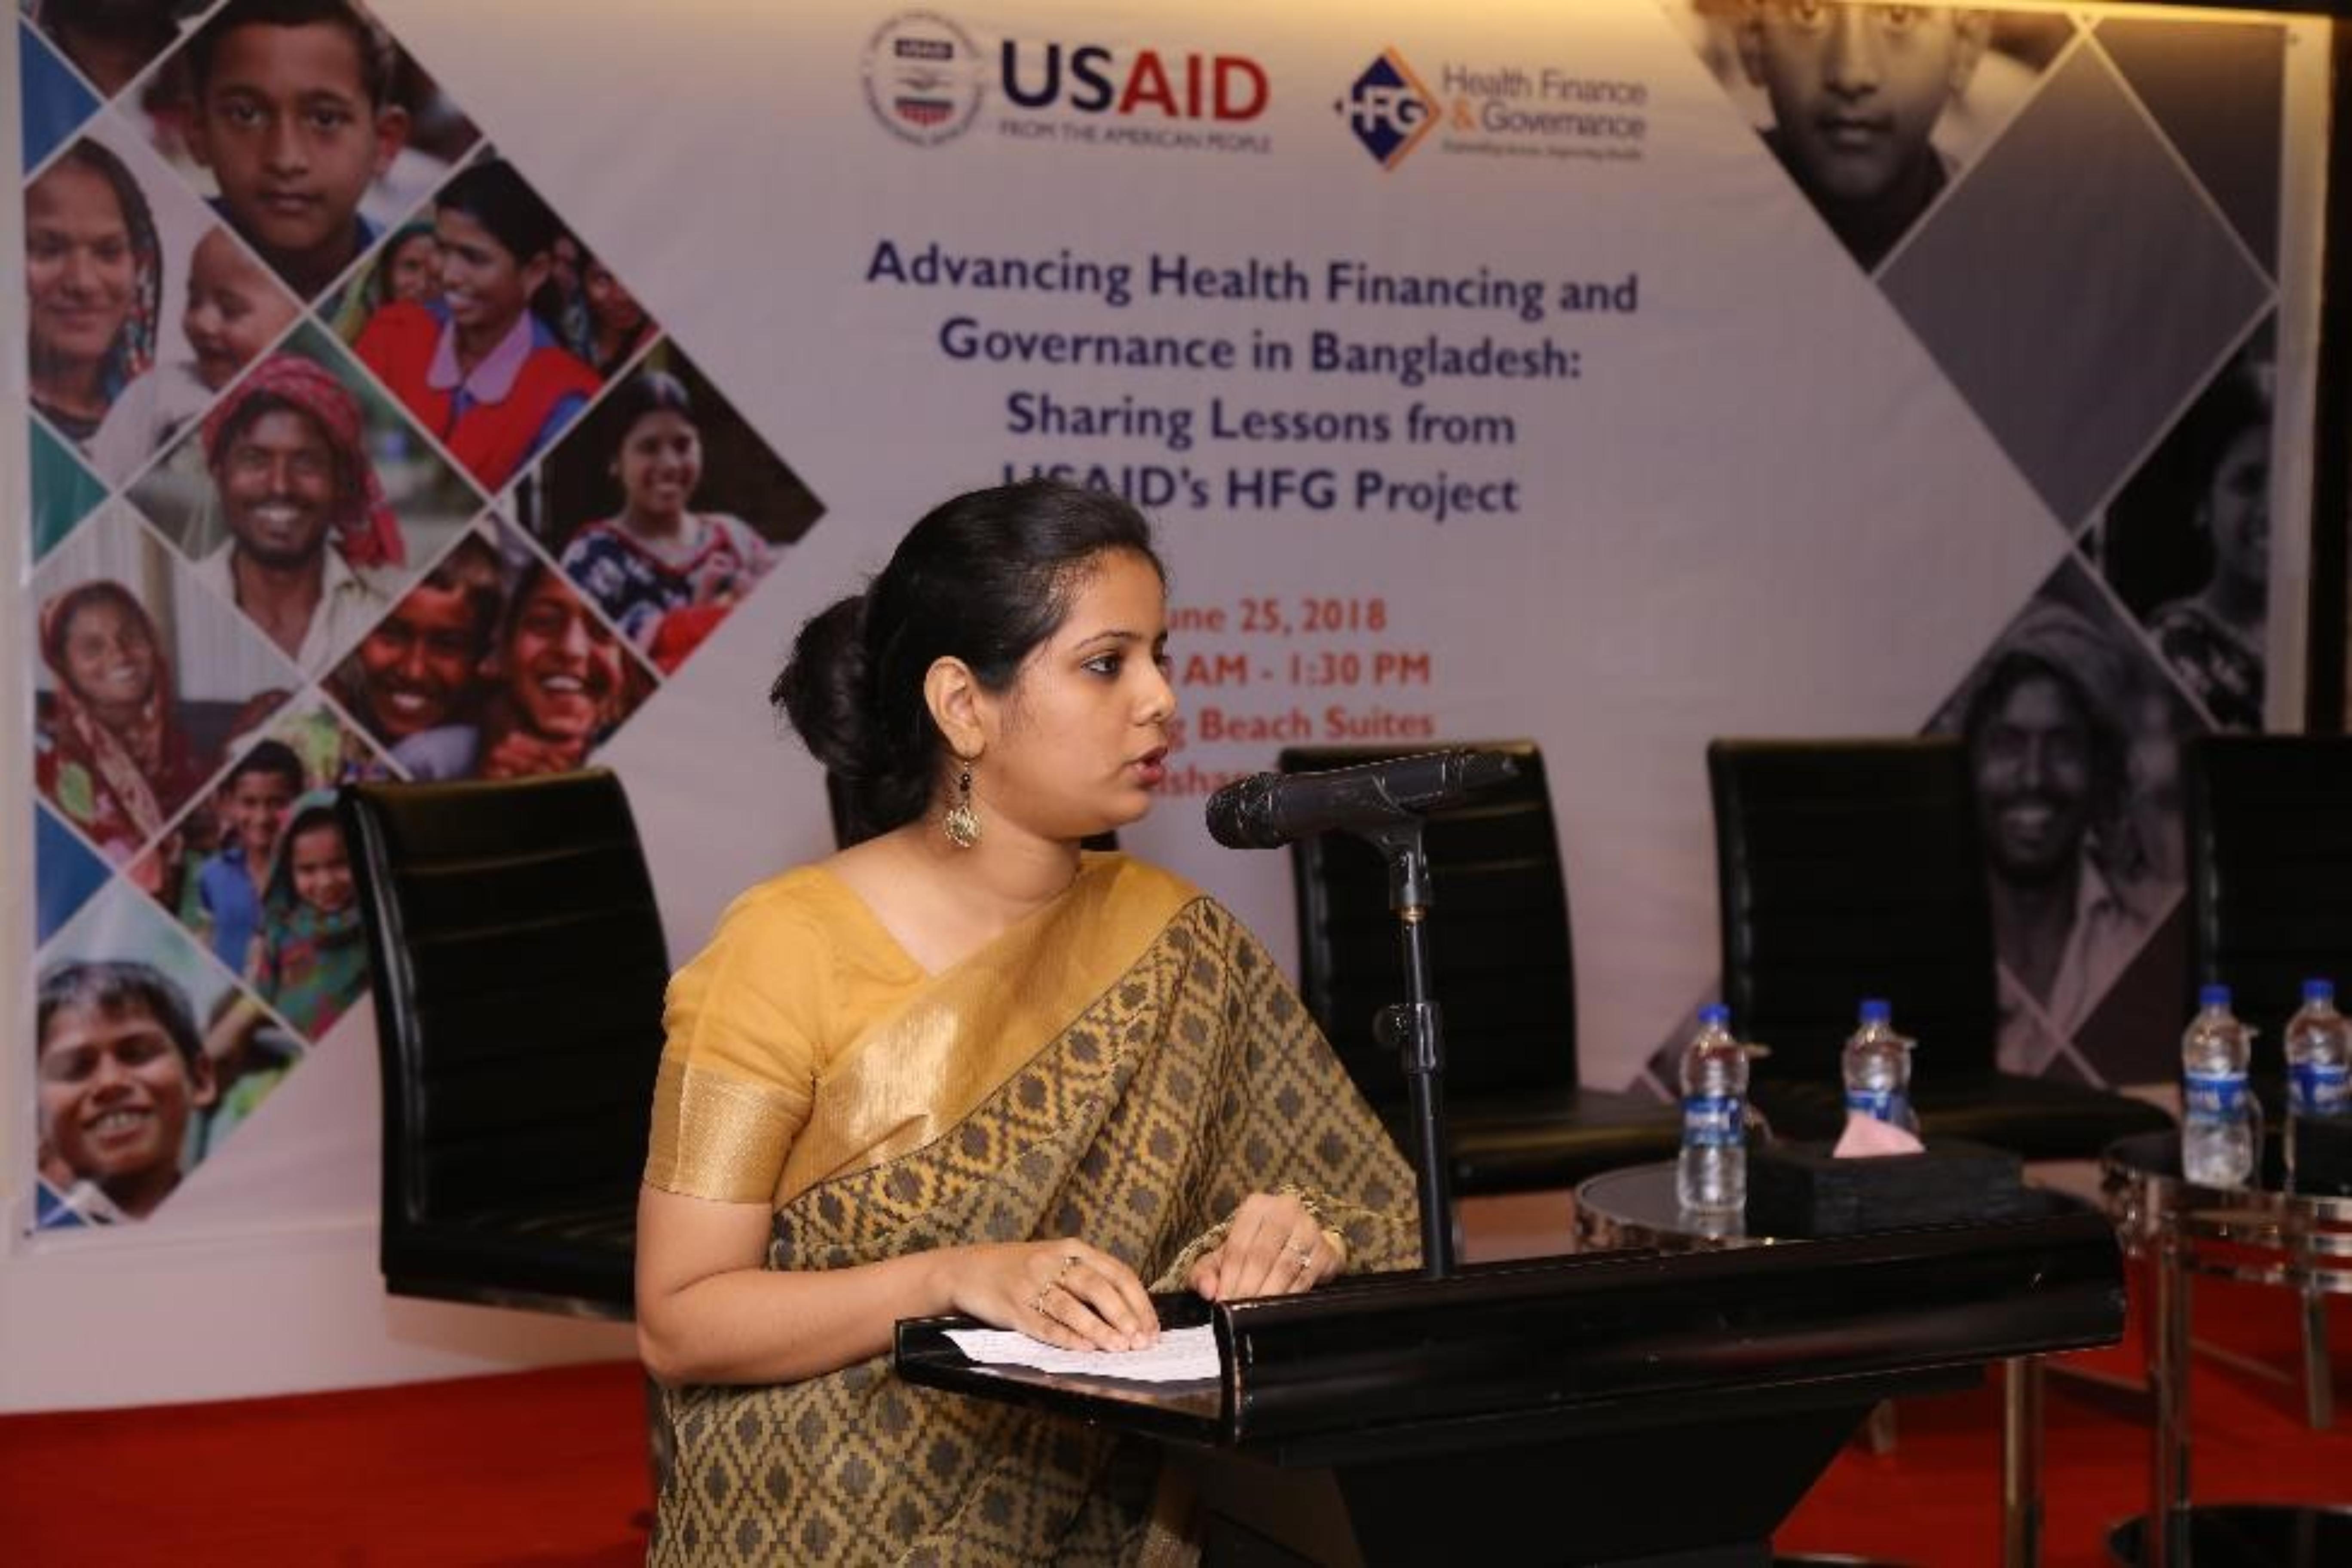 Dr. Pushpita Samina